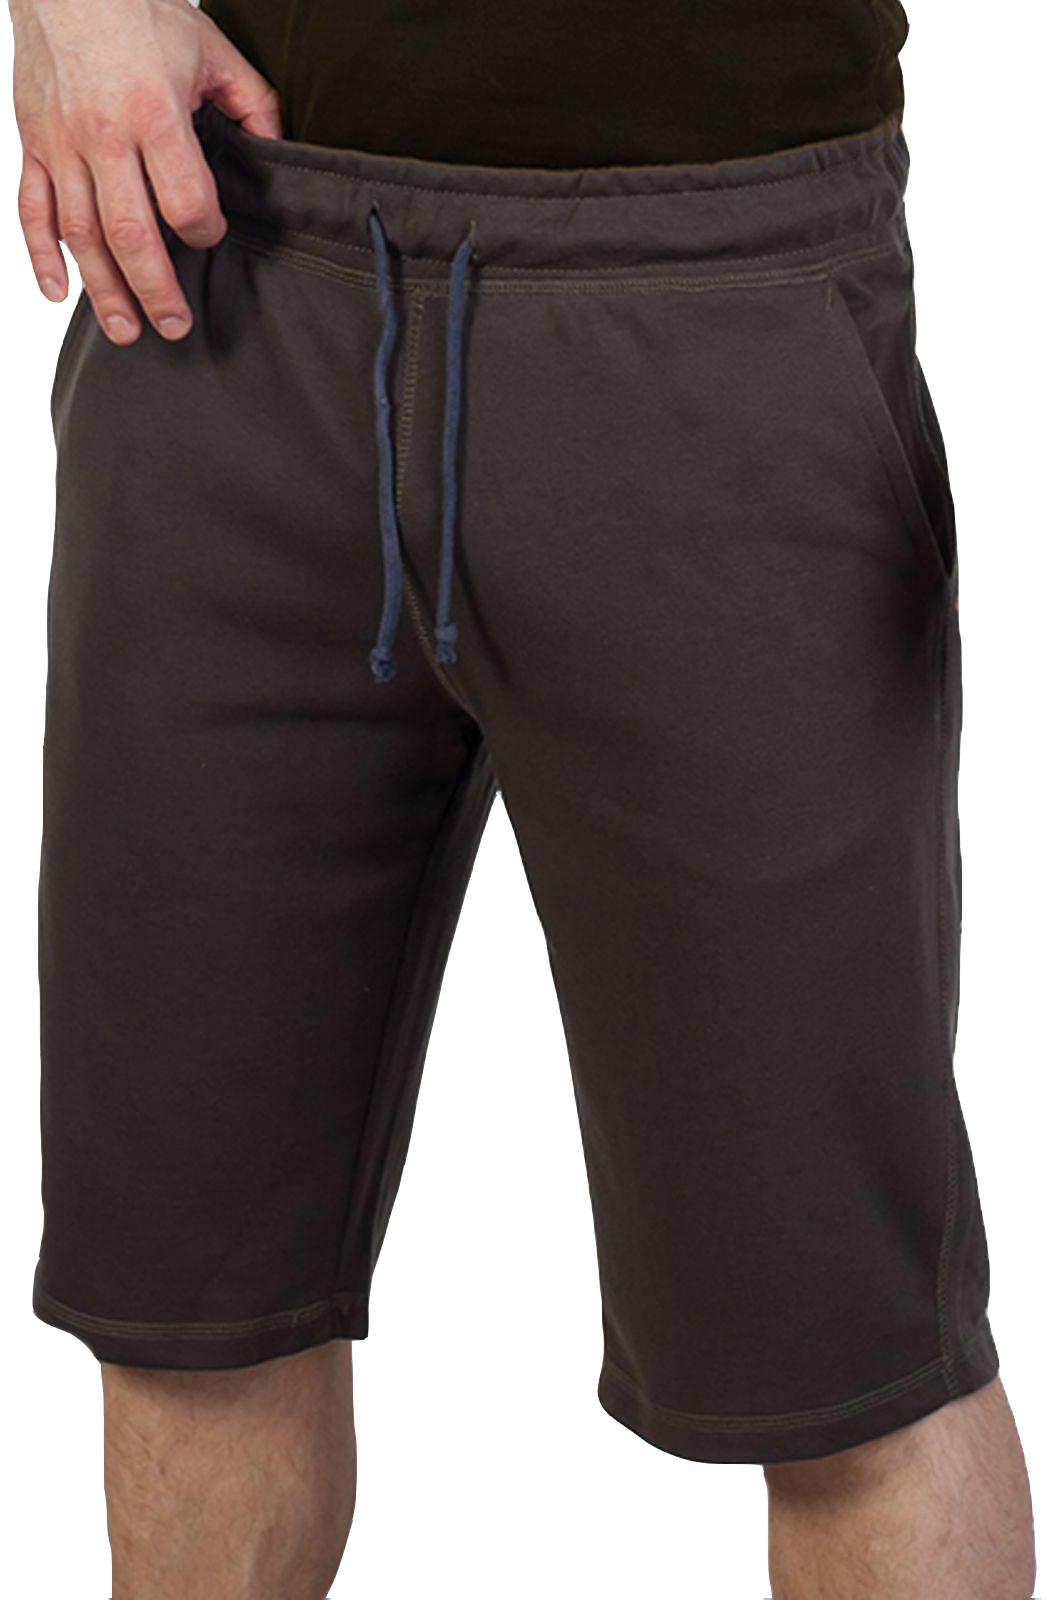 Коричневые шорты мужские от производителя French Onion